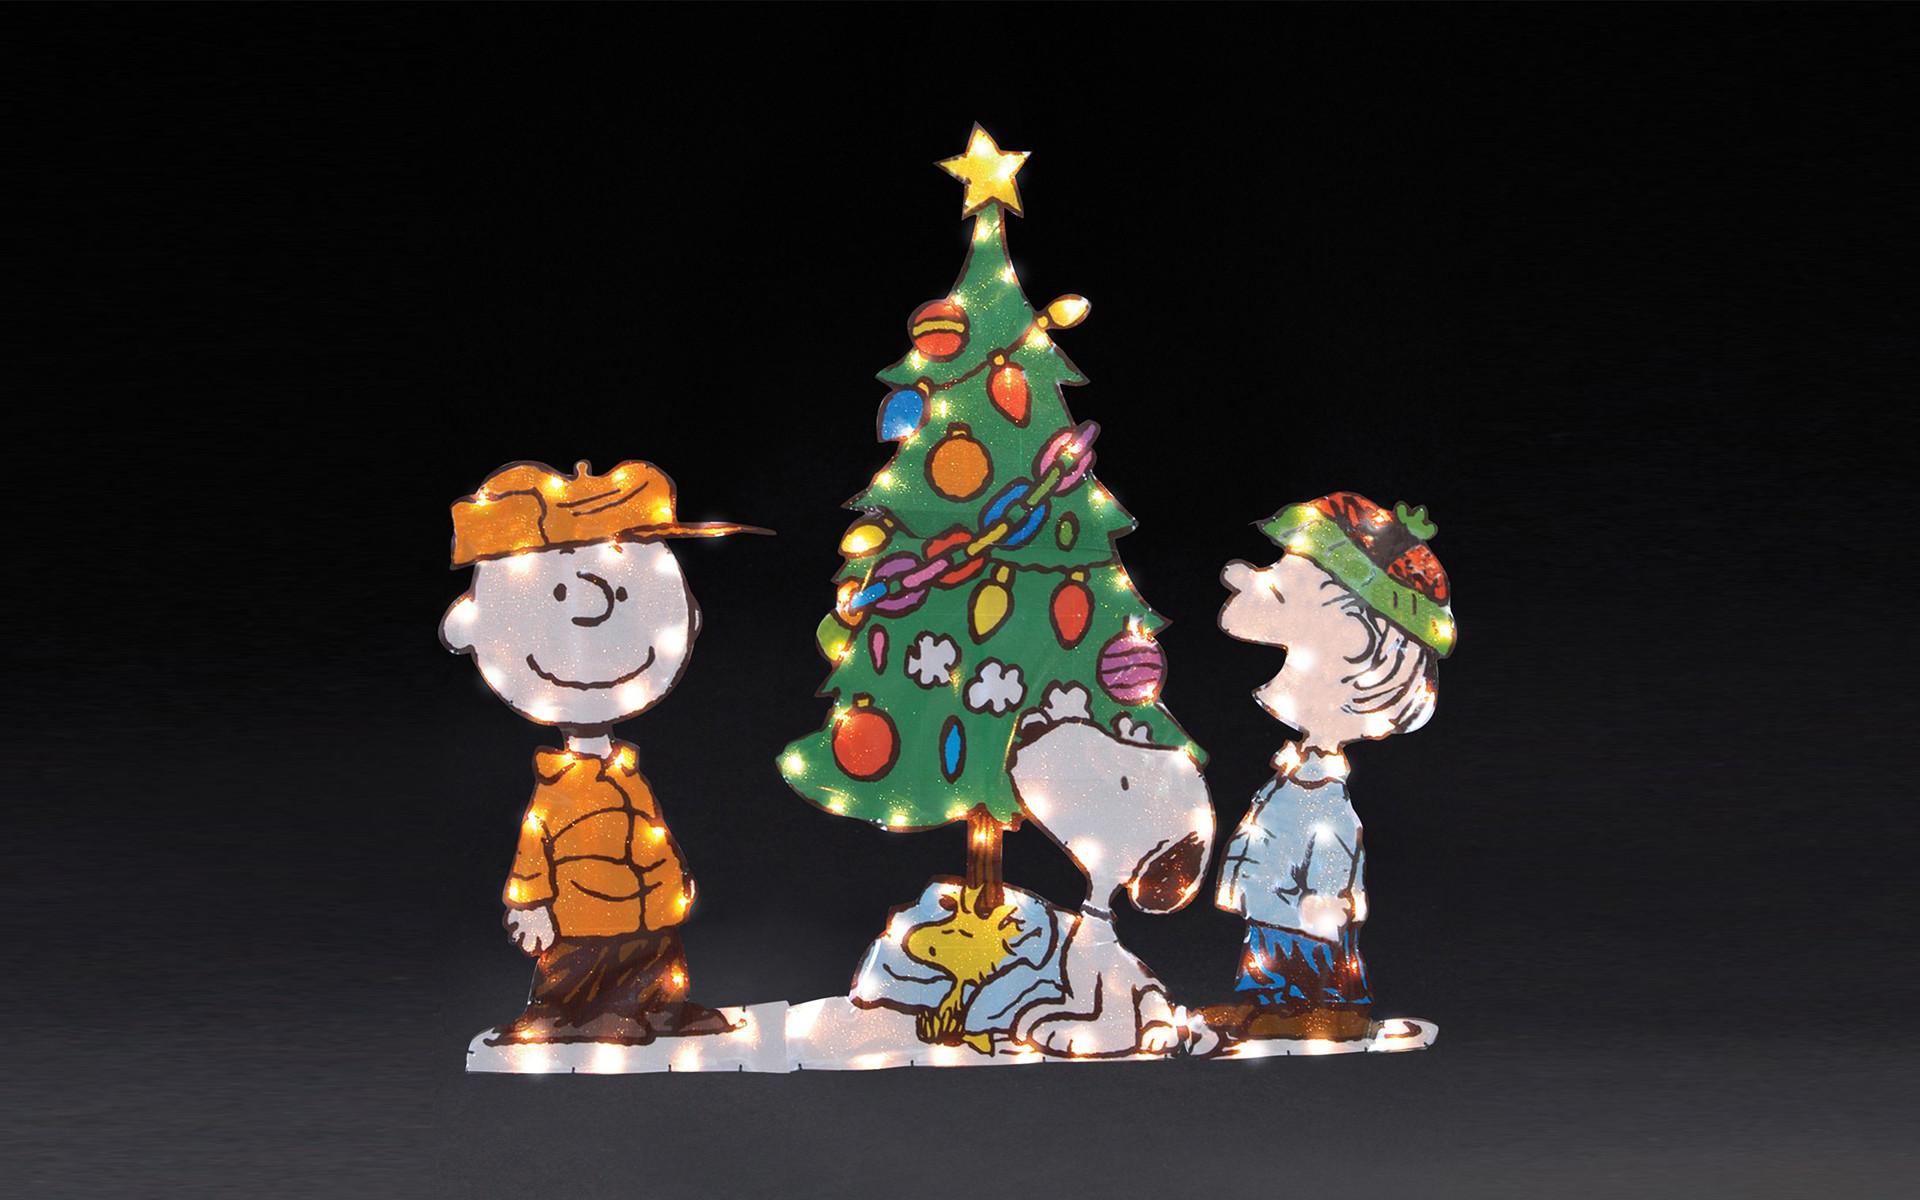 Snoopy Charlie Brown Linus Peanuts (Comic Strip) wallpaper .